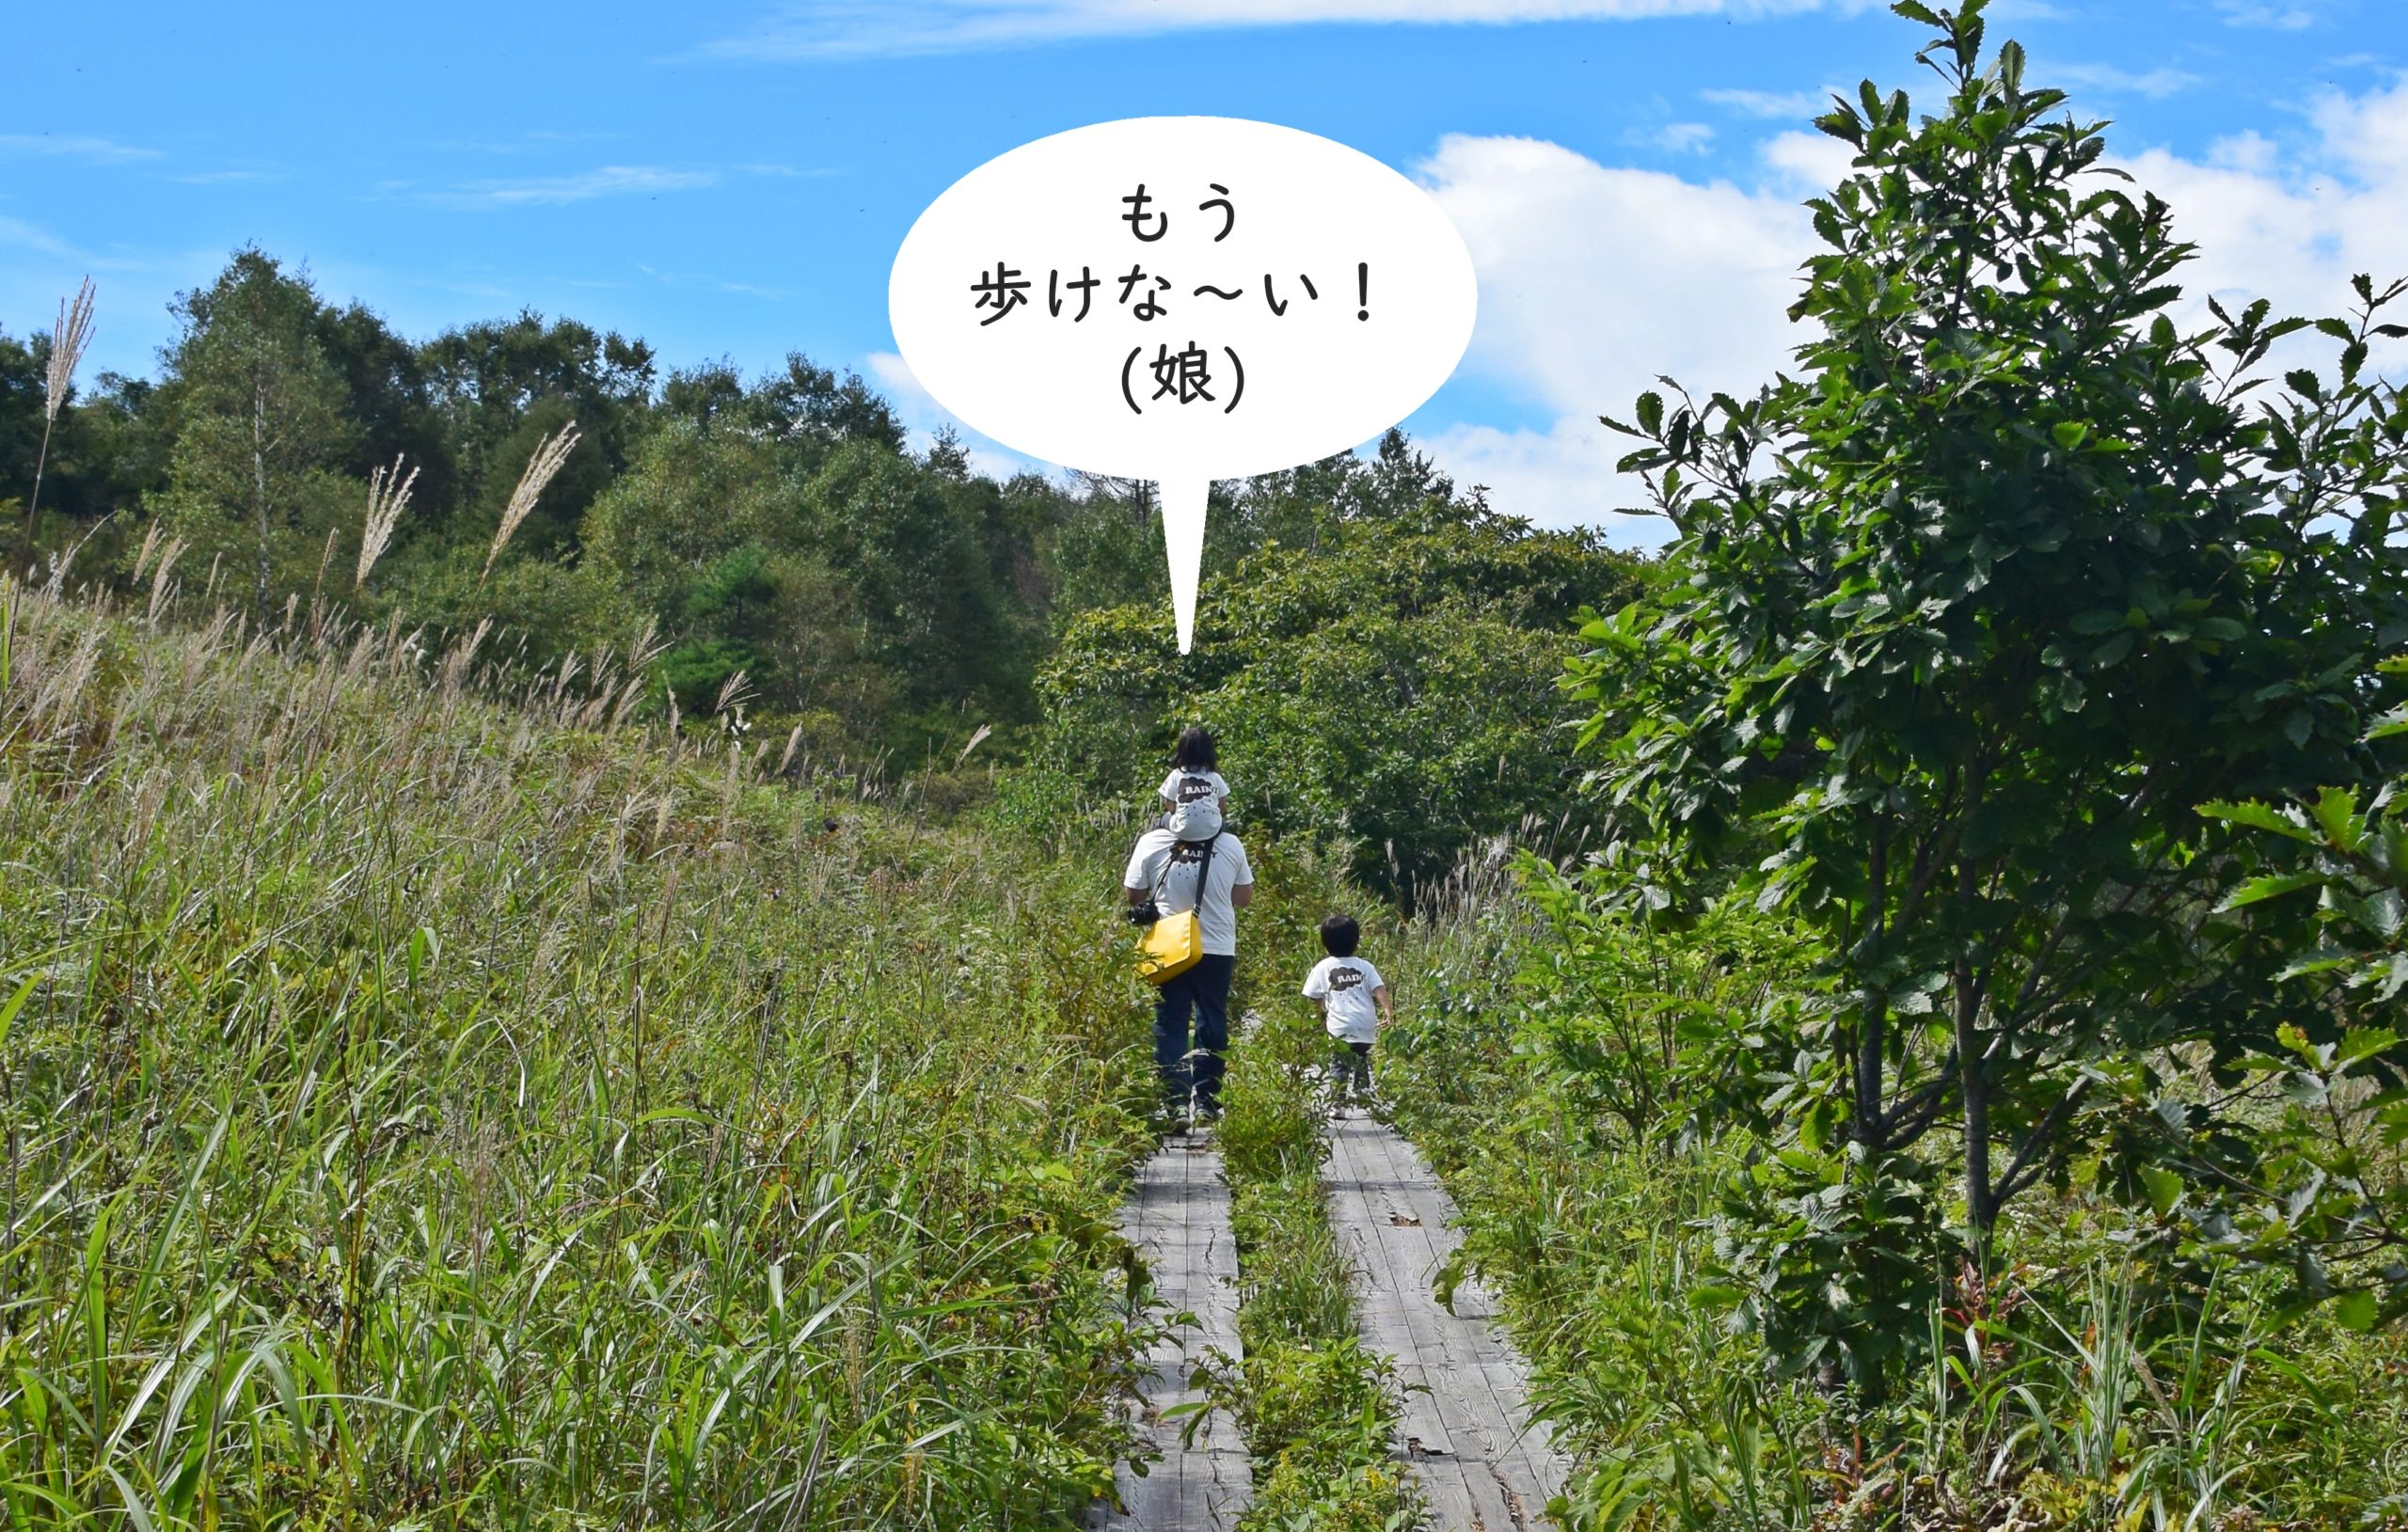 霧ヶ峰高原八島湿原:突然電池切れする娘